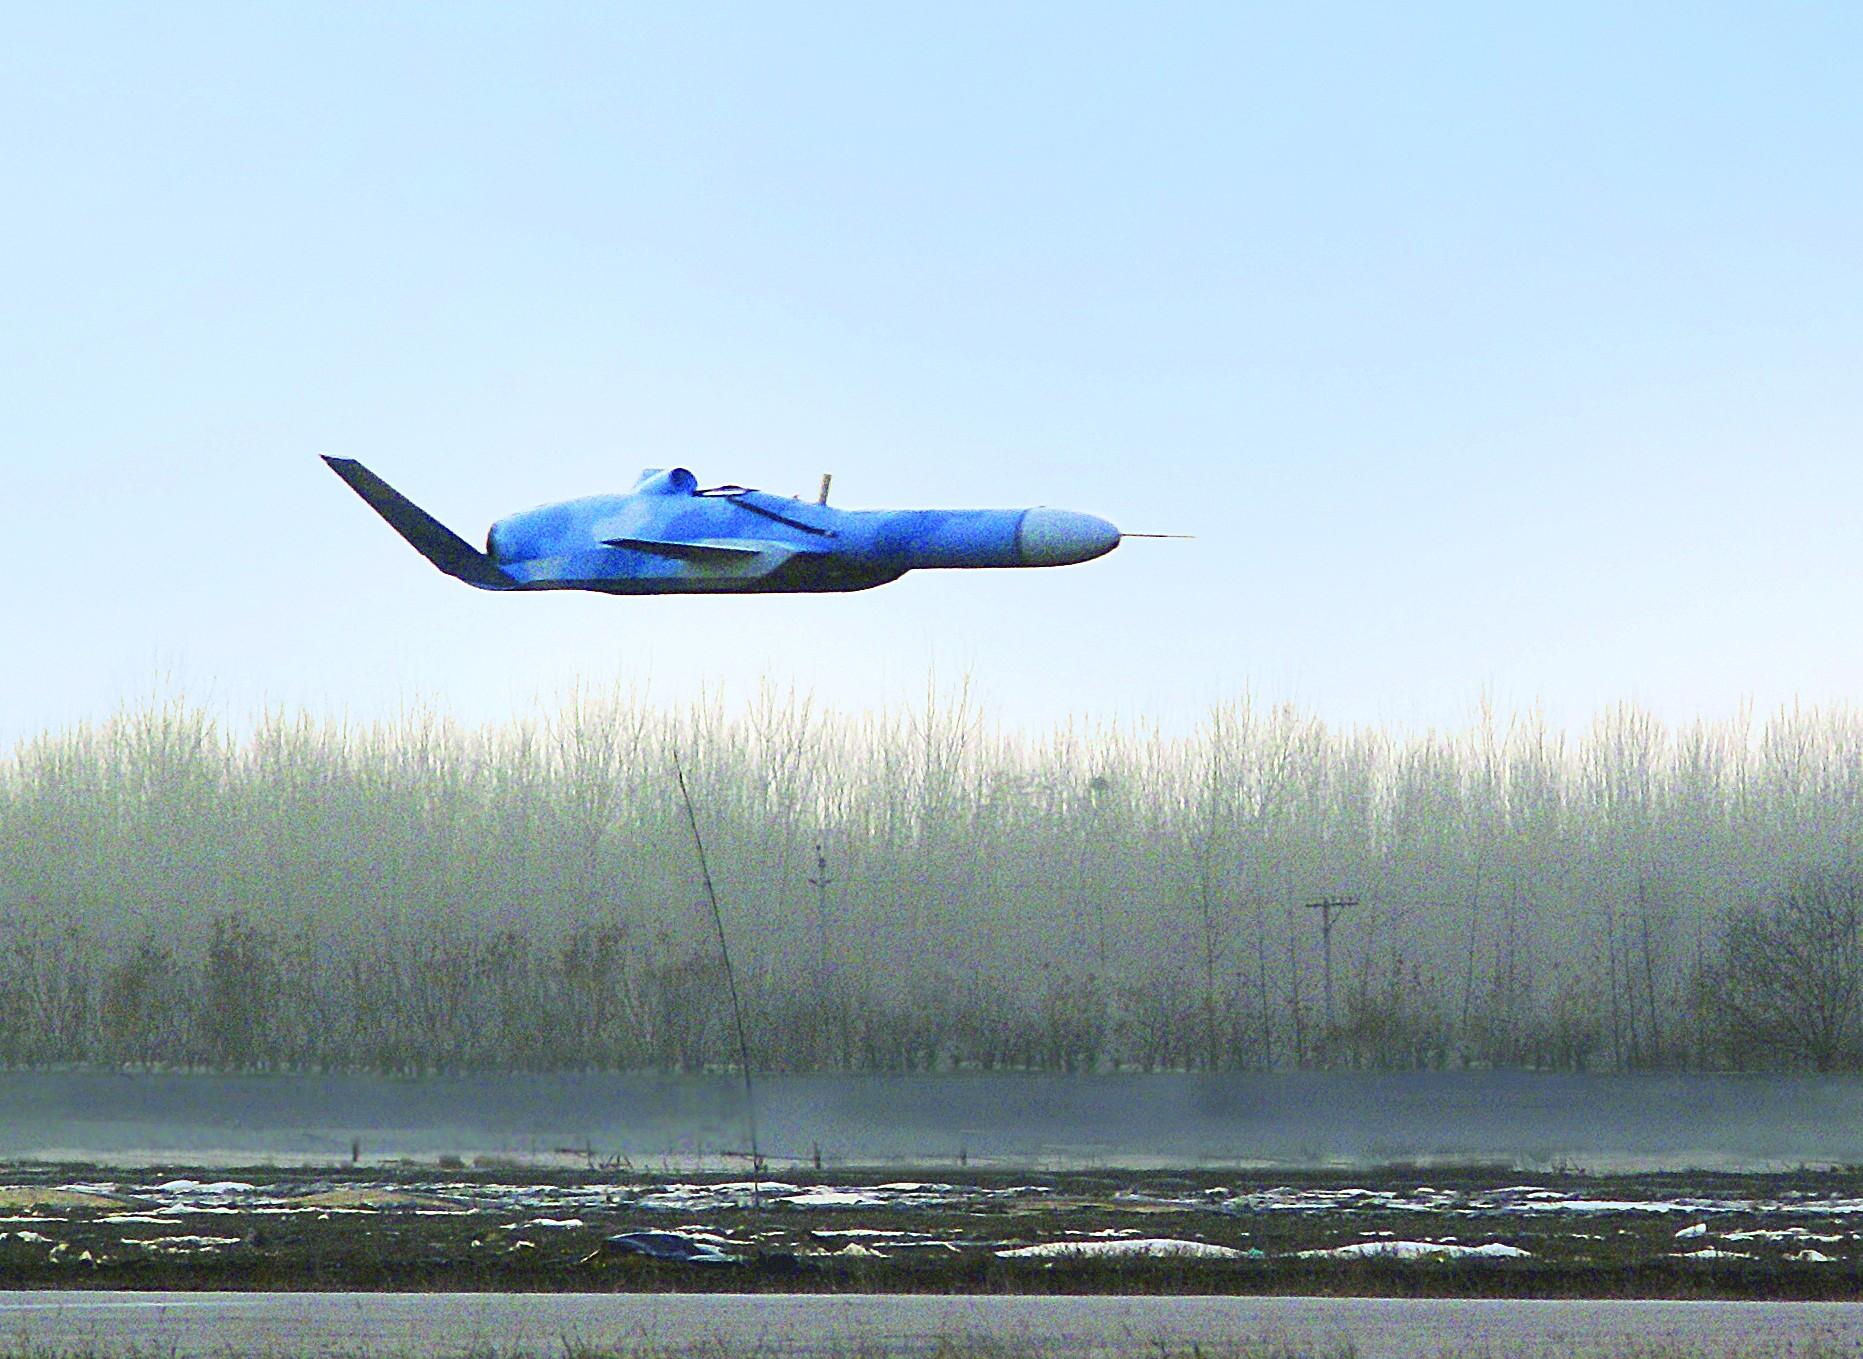 中国新型地效无人机亮相 外媒称其为航母杀手